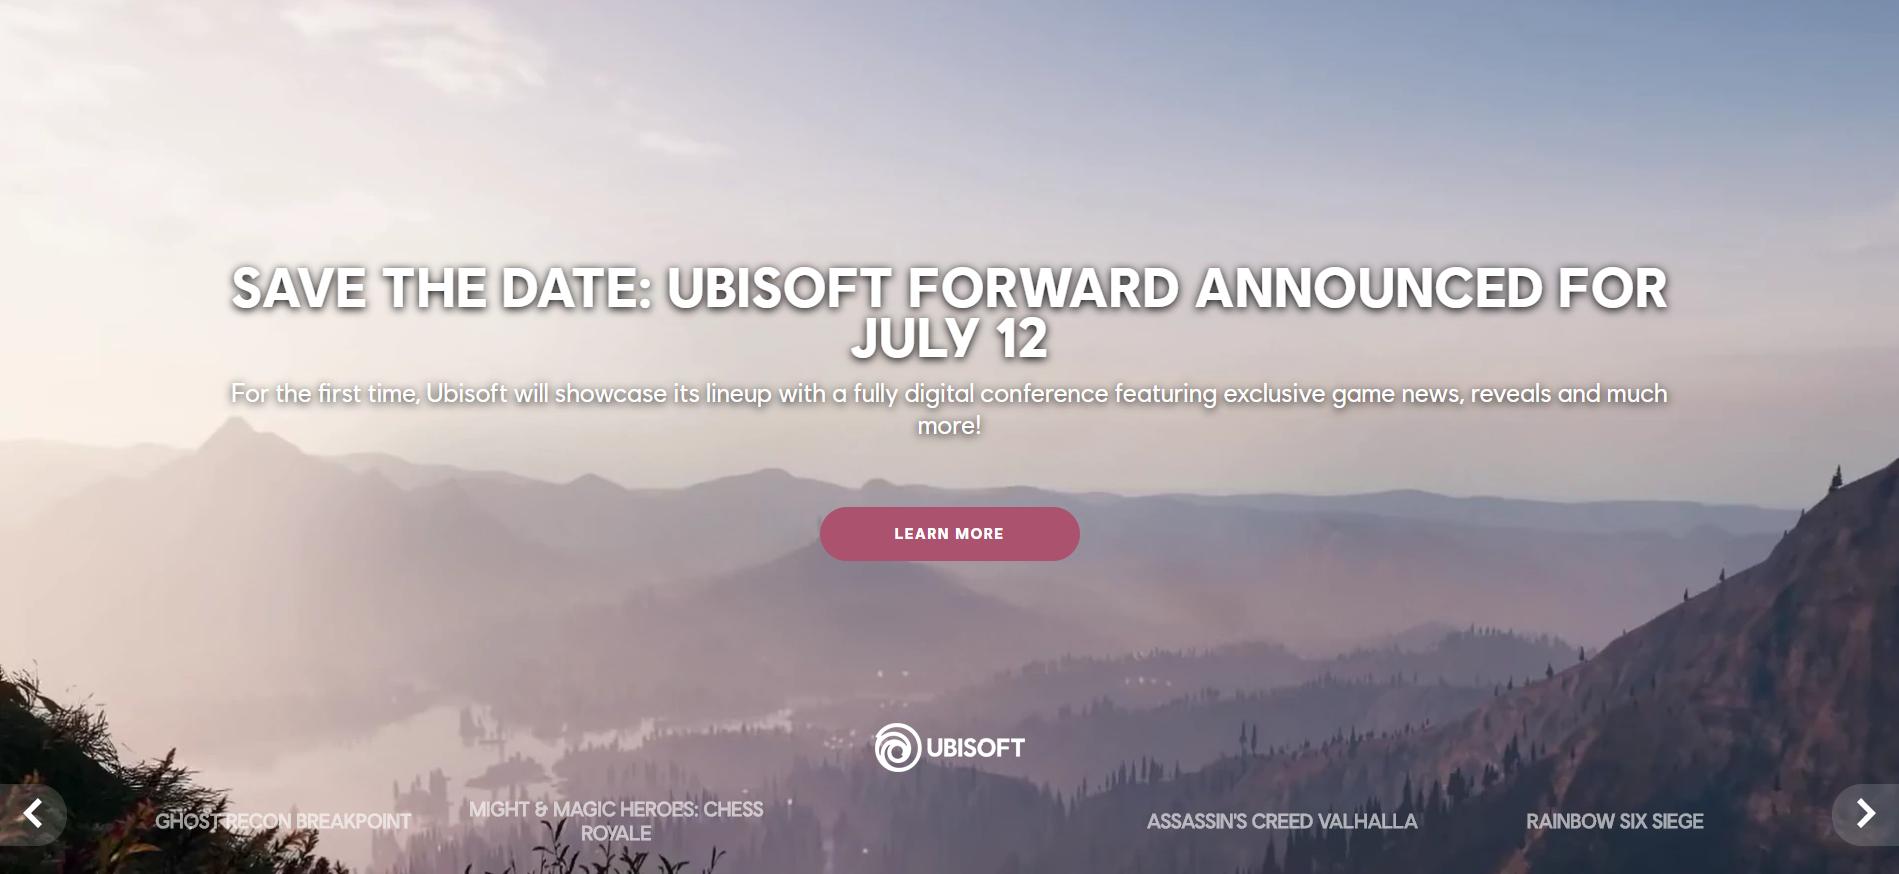 Ubisoft возможно анонсирует Far Cry 6 уже 12 июля 2020 на UbiForward